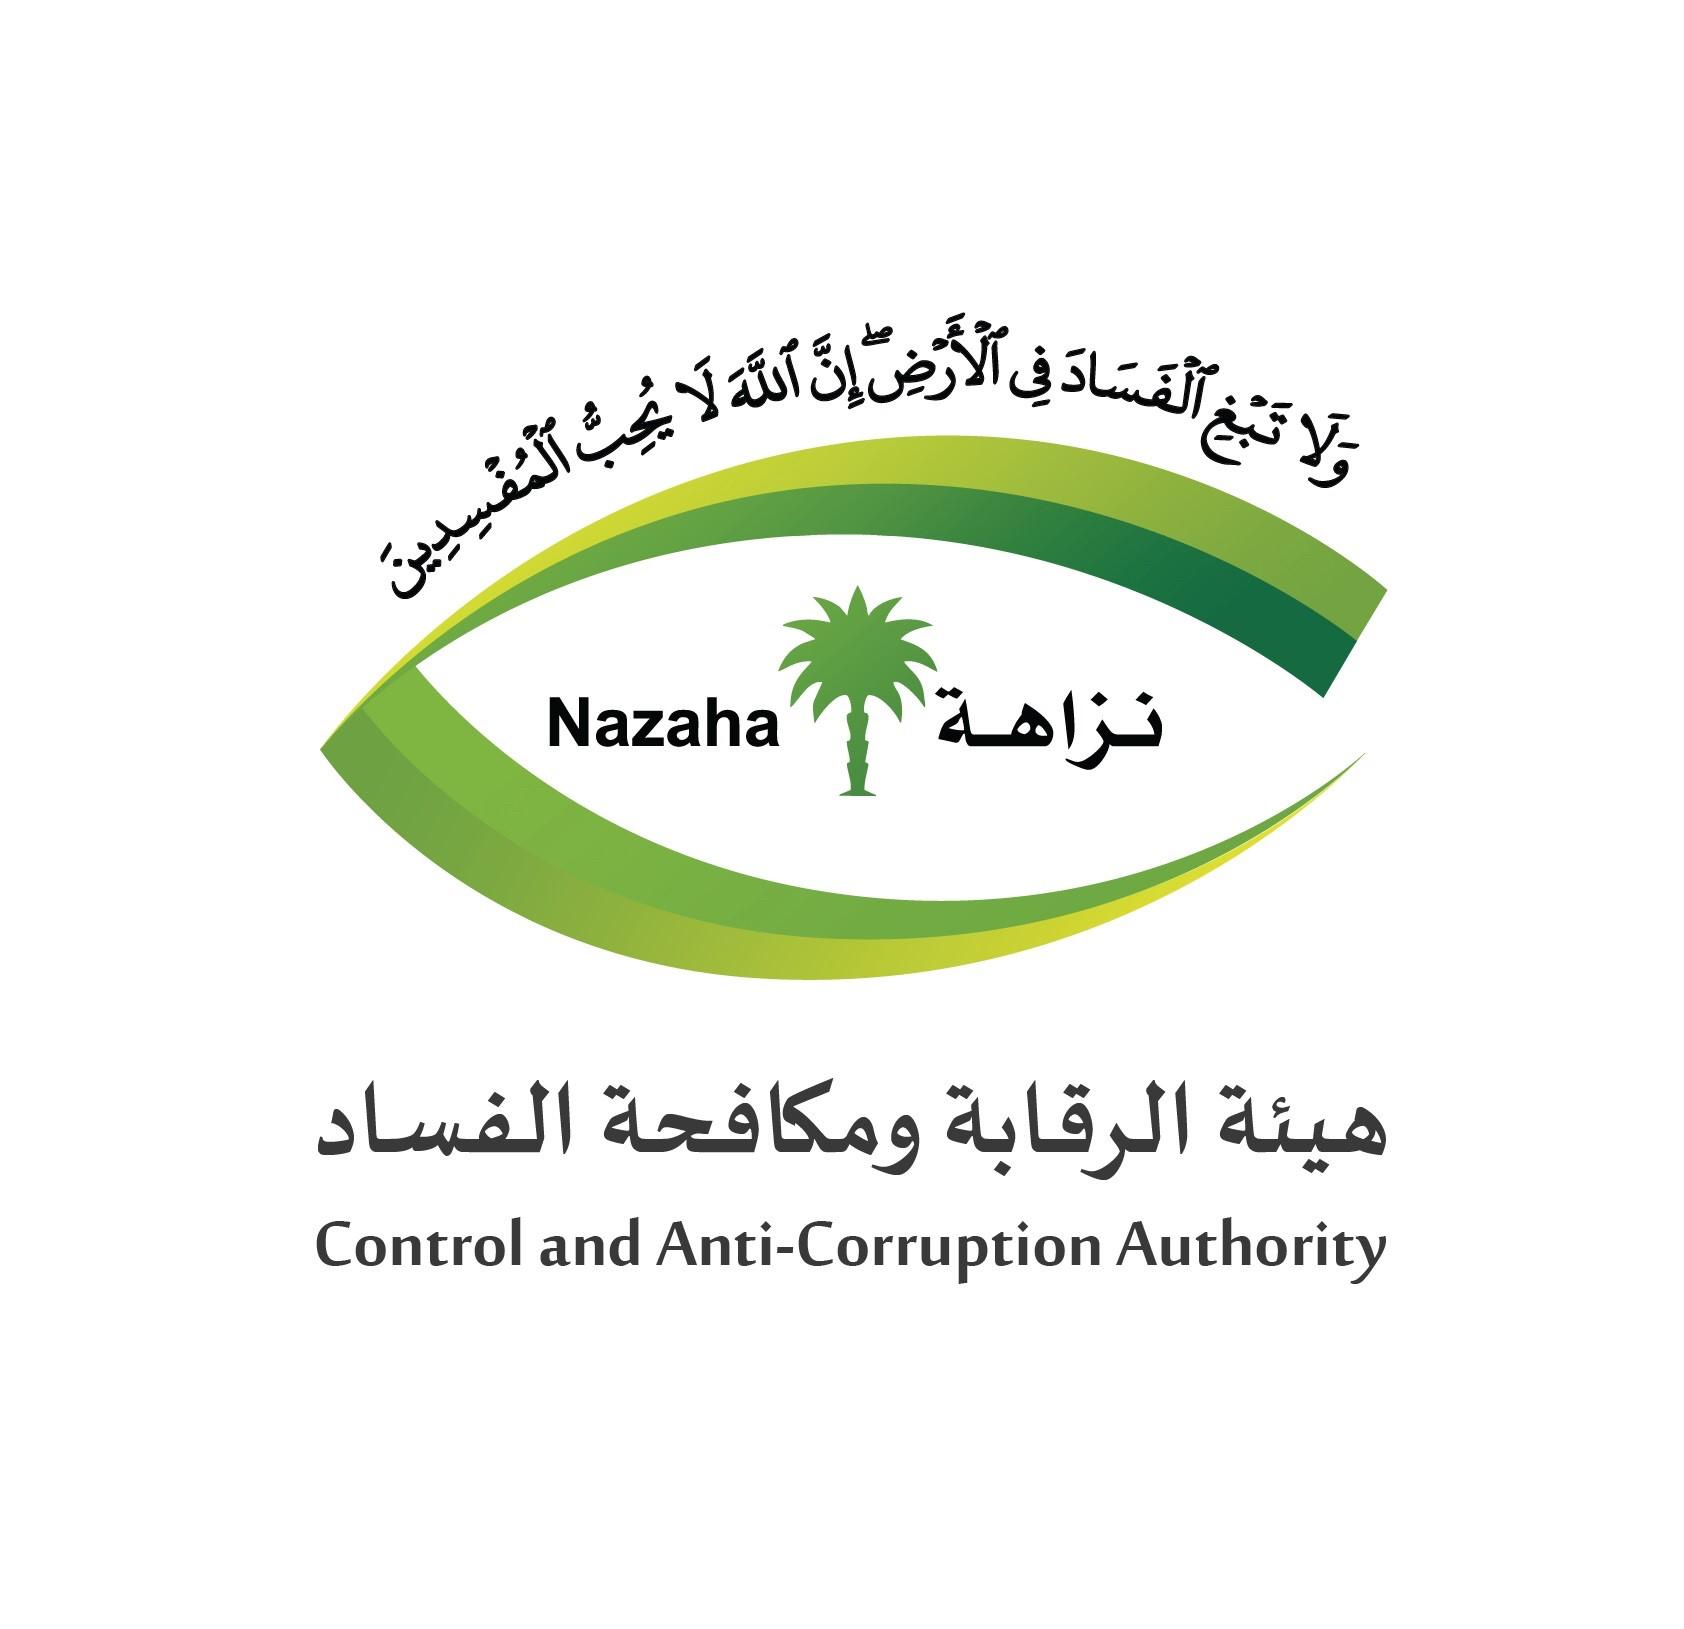 شعار هيئة الرقابة ومكافحة الفساد - الرسمي